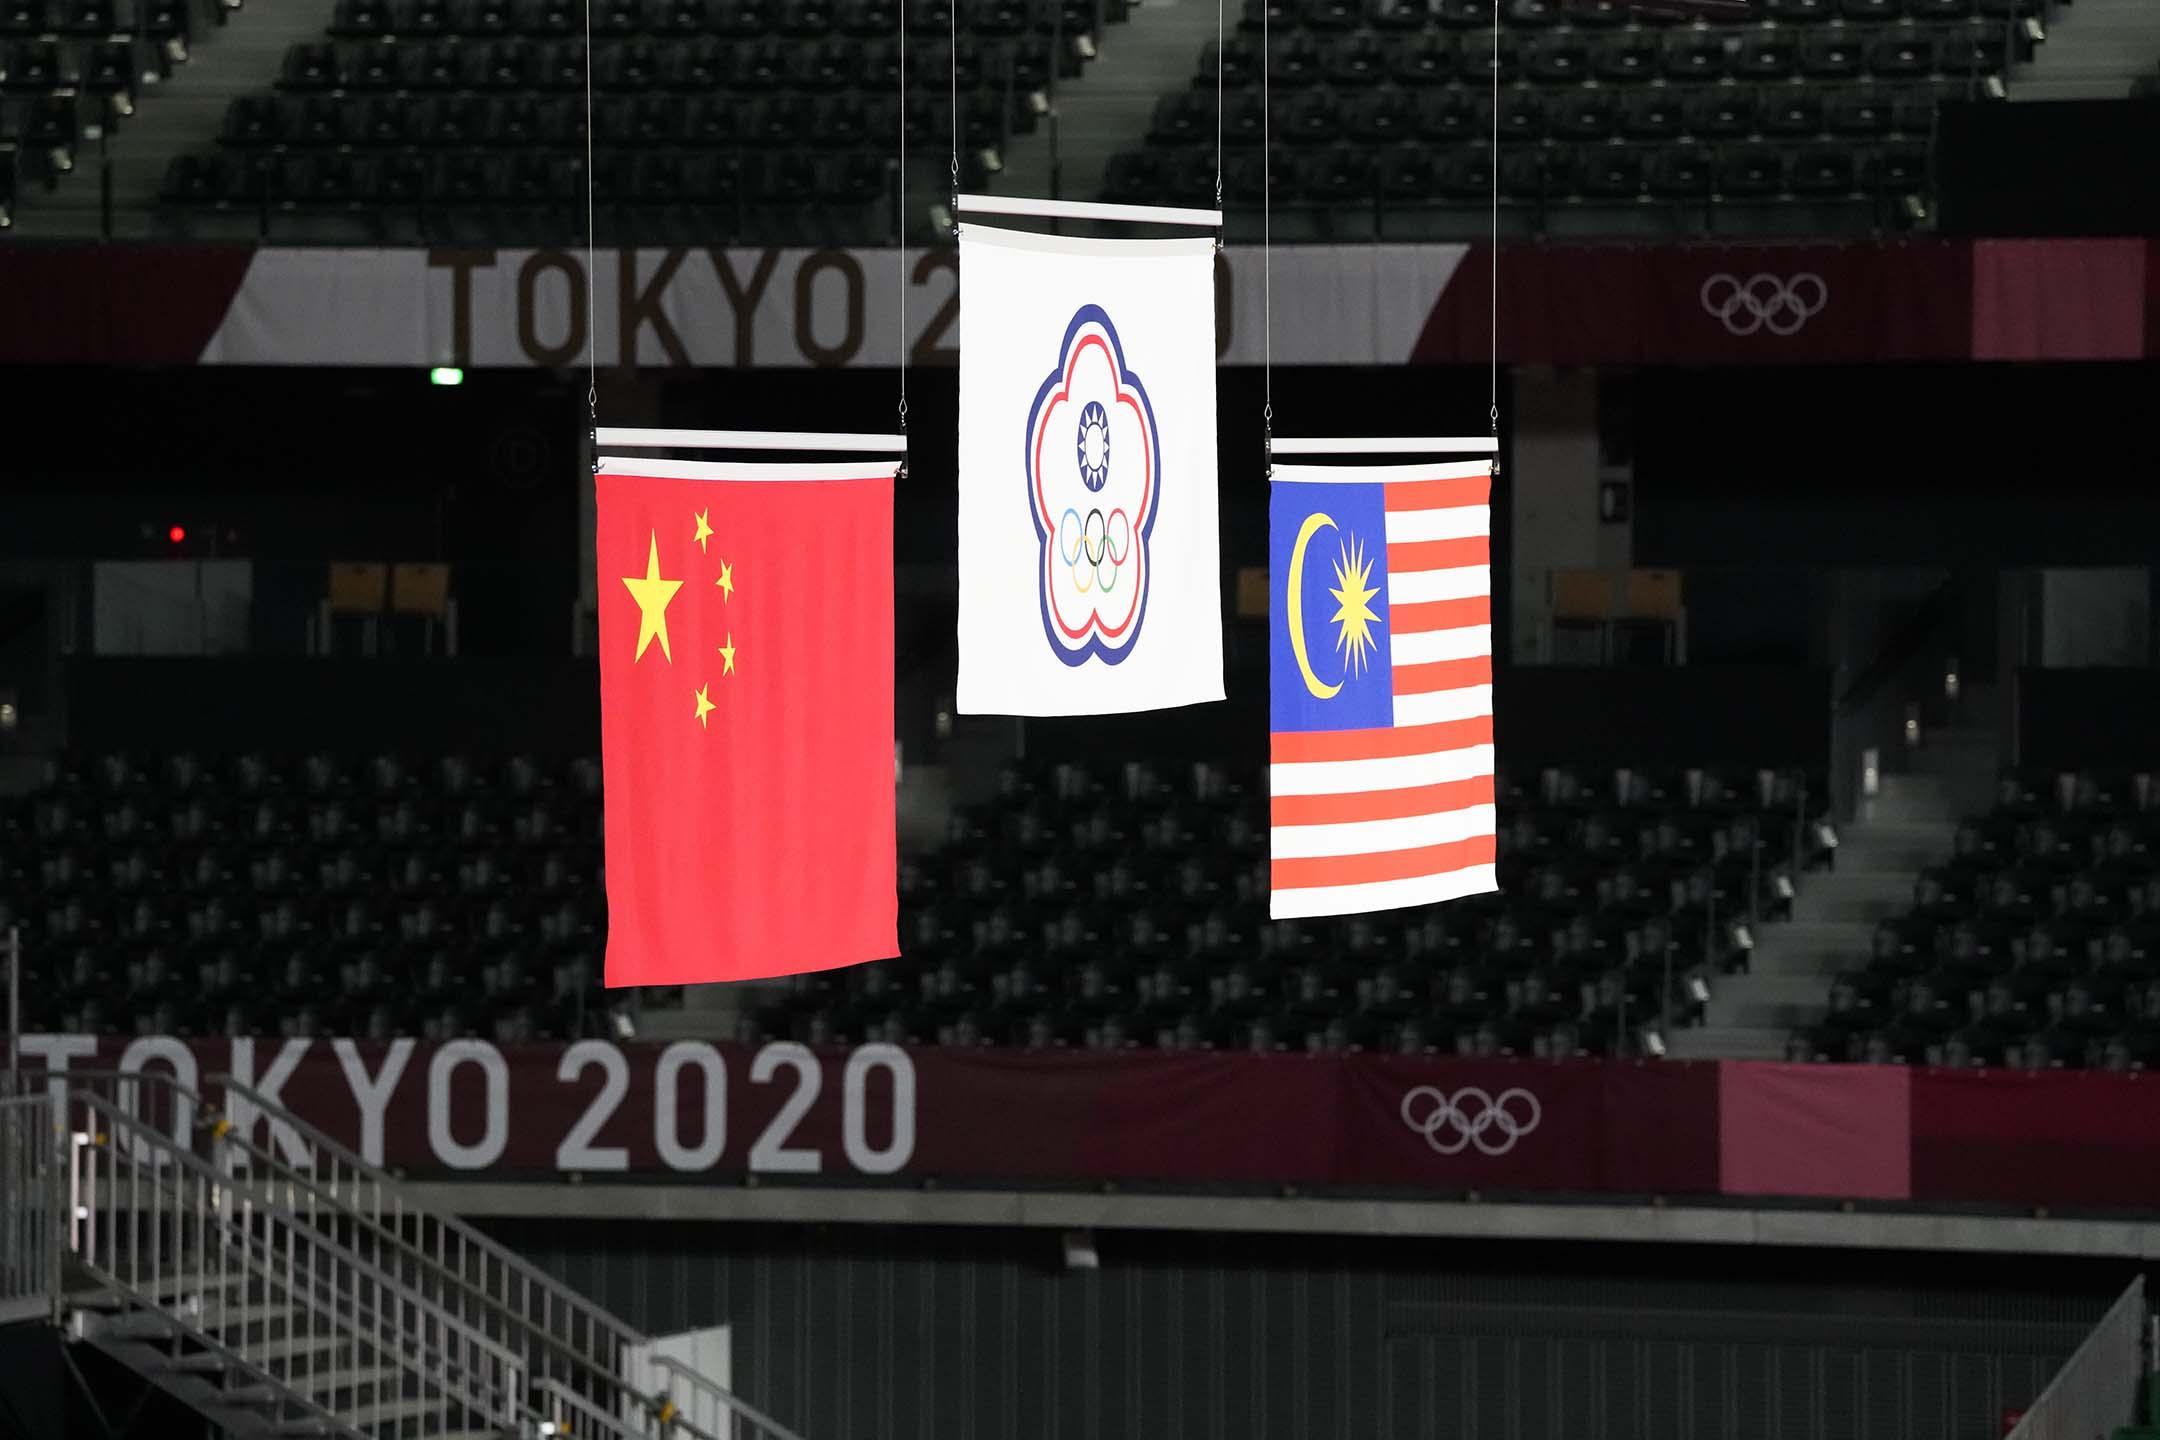 2021年7月31日日本東京奧運會男子雙人羽毛球比賽獎牌儀式上,中華奧林匹克委員會會旗(中)。